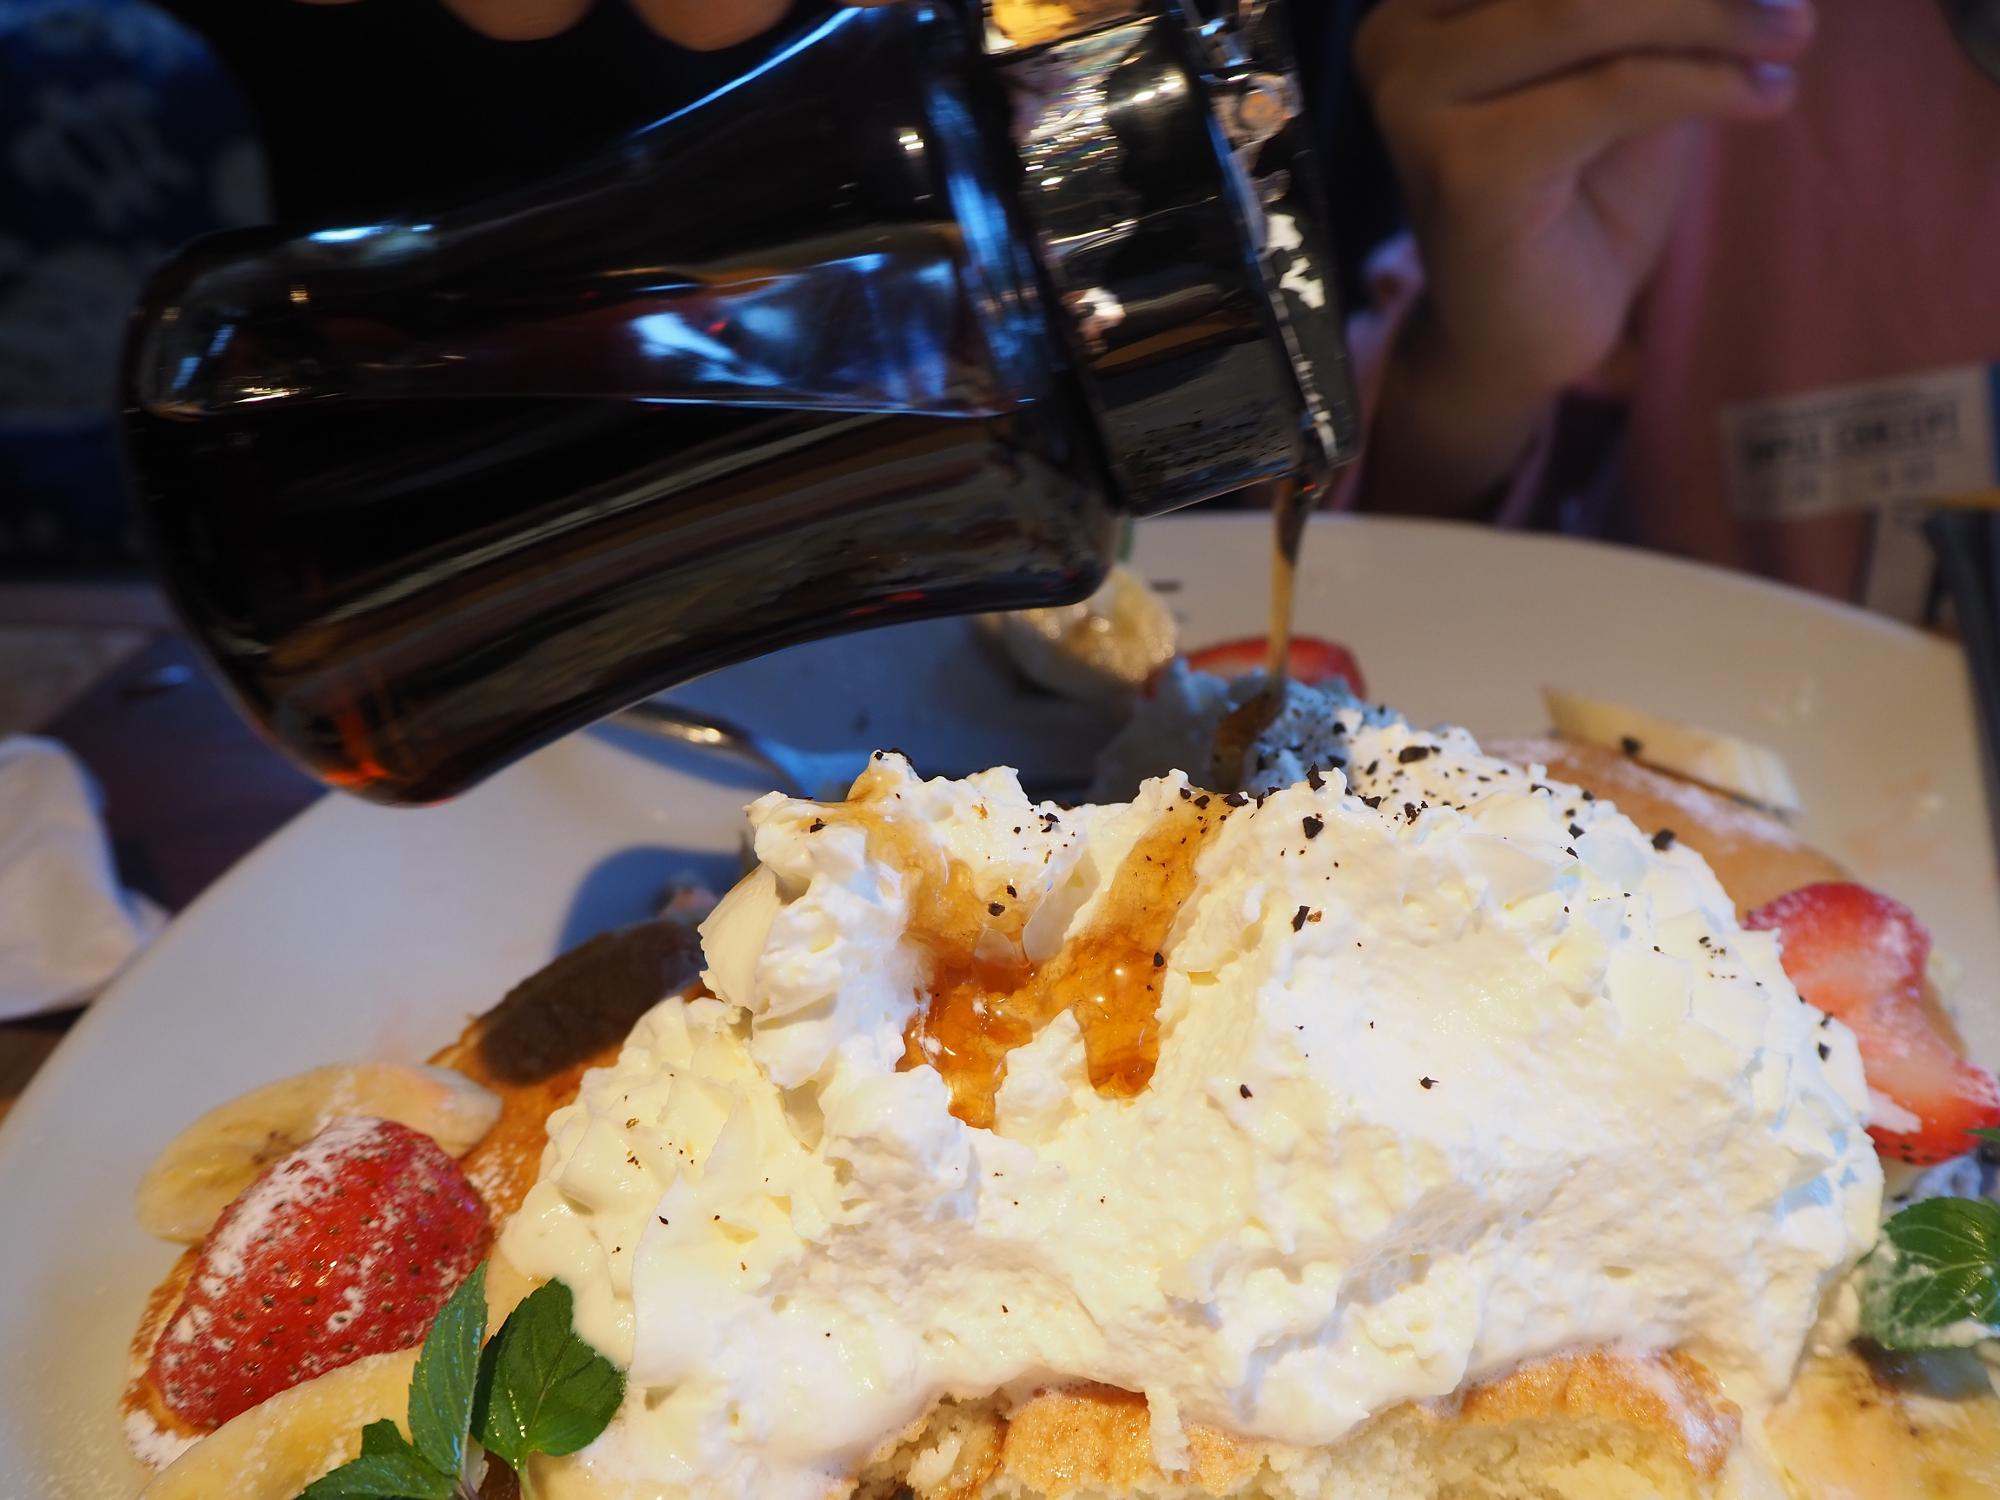 パンケーキに乗っているホイップクリームに、削ったコーヒー豆とメープルシロップをかけて味変するのもオススメ。